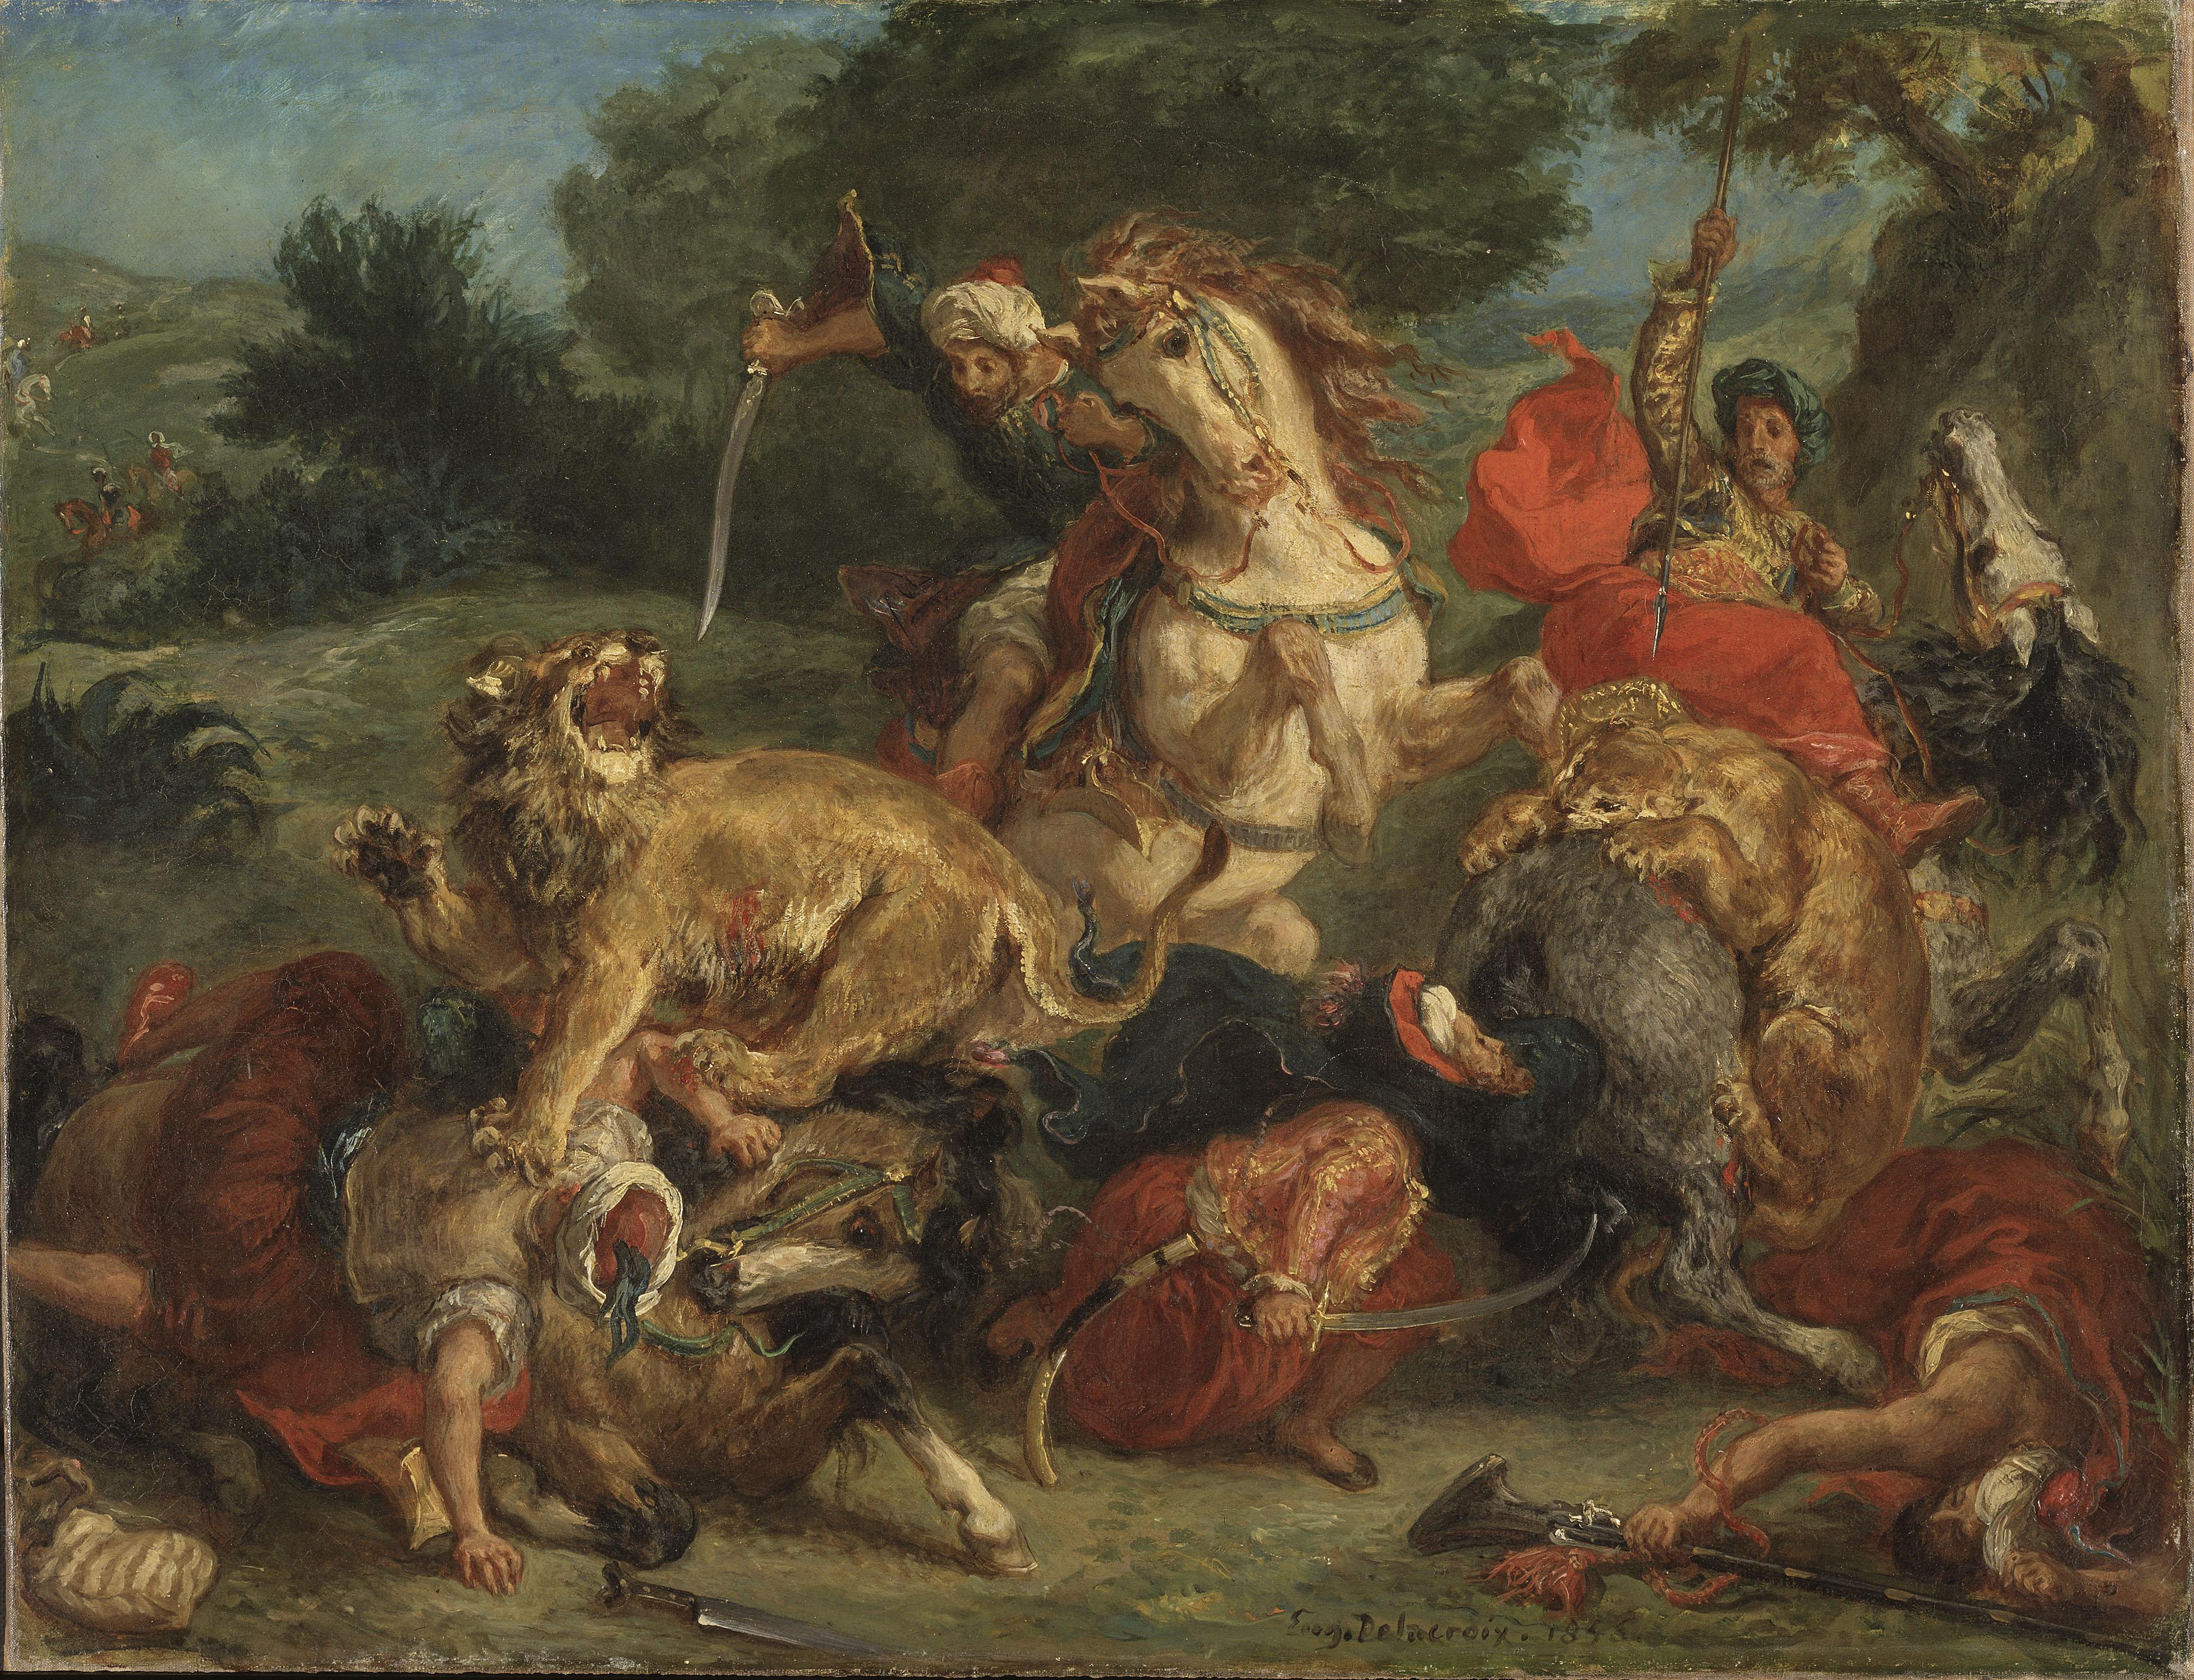 Eugène Delacroix: Lion hunt